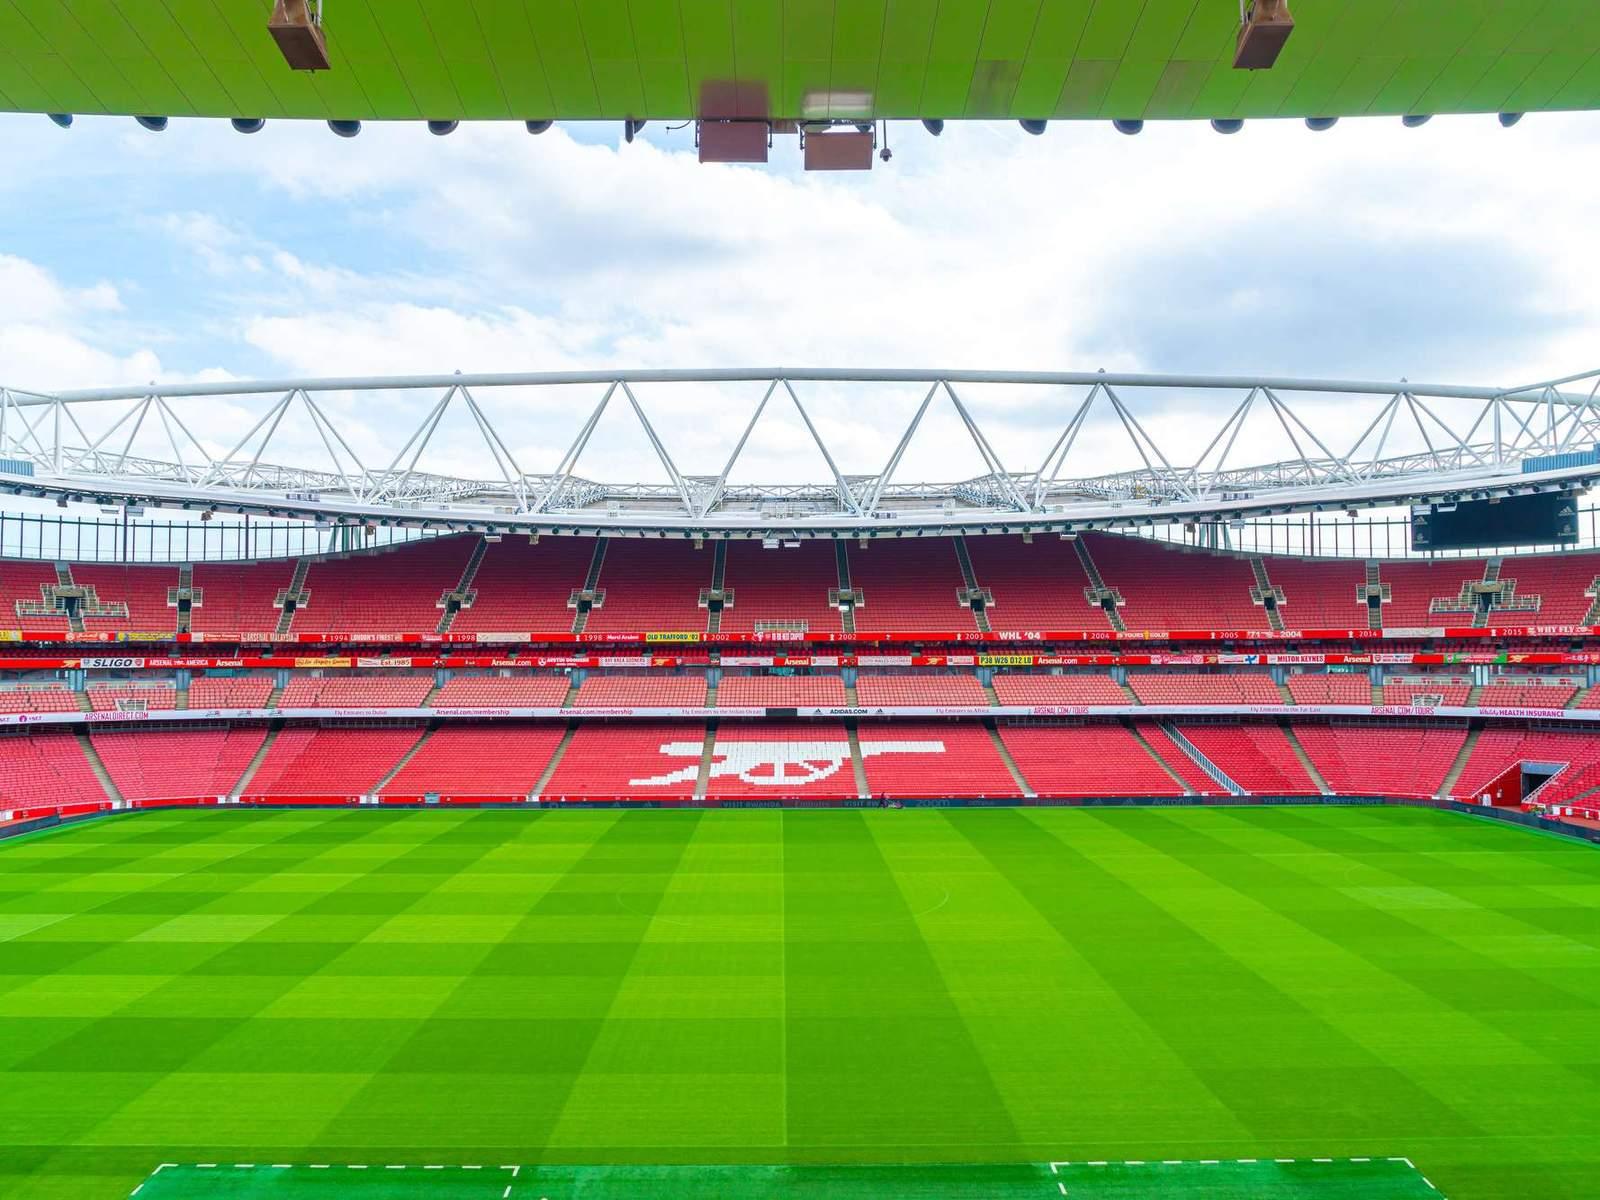 Арсенал - Саутгемптон: где смотреть прямую трансляцию онлайн